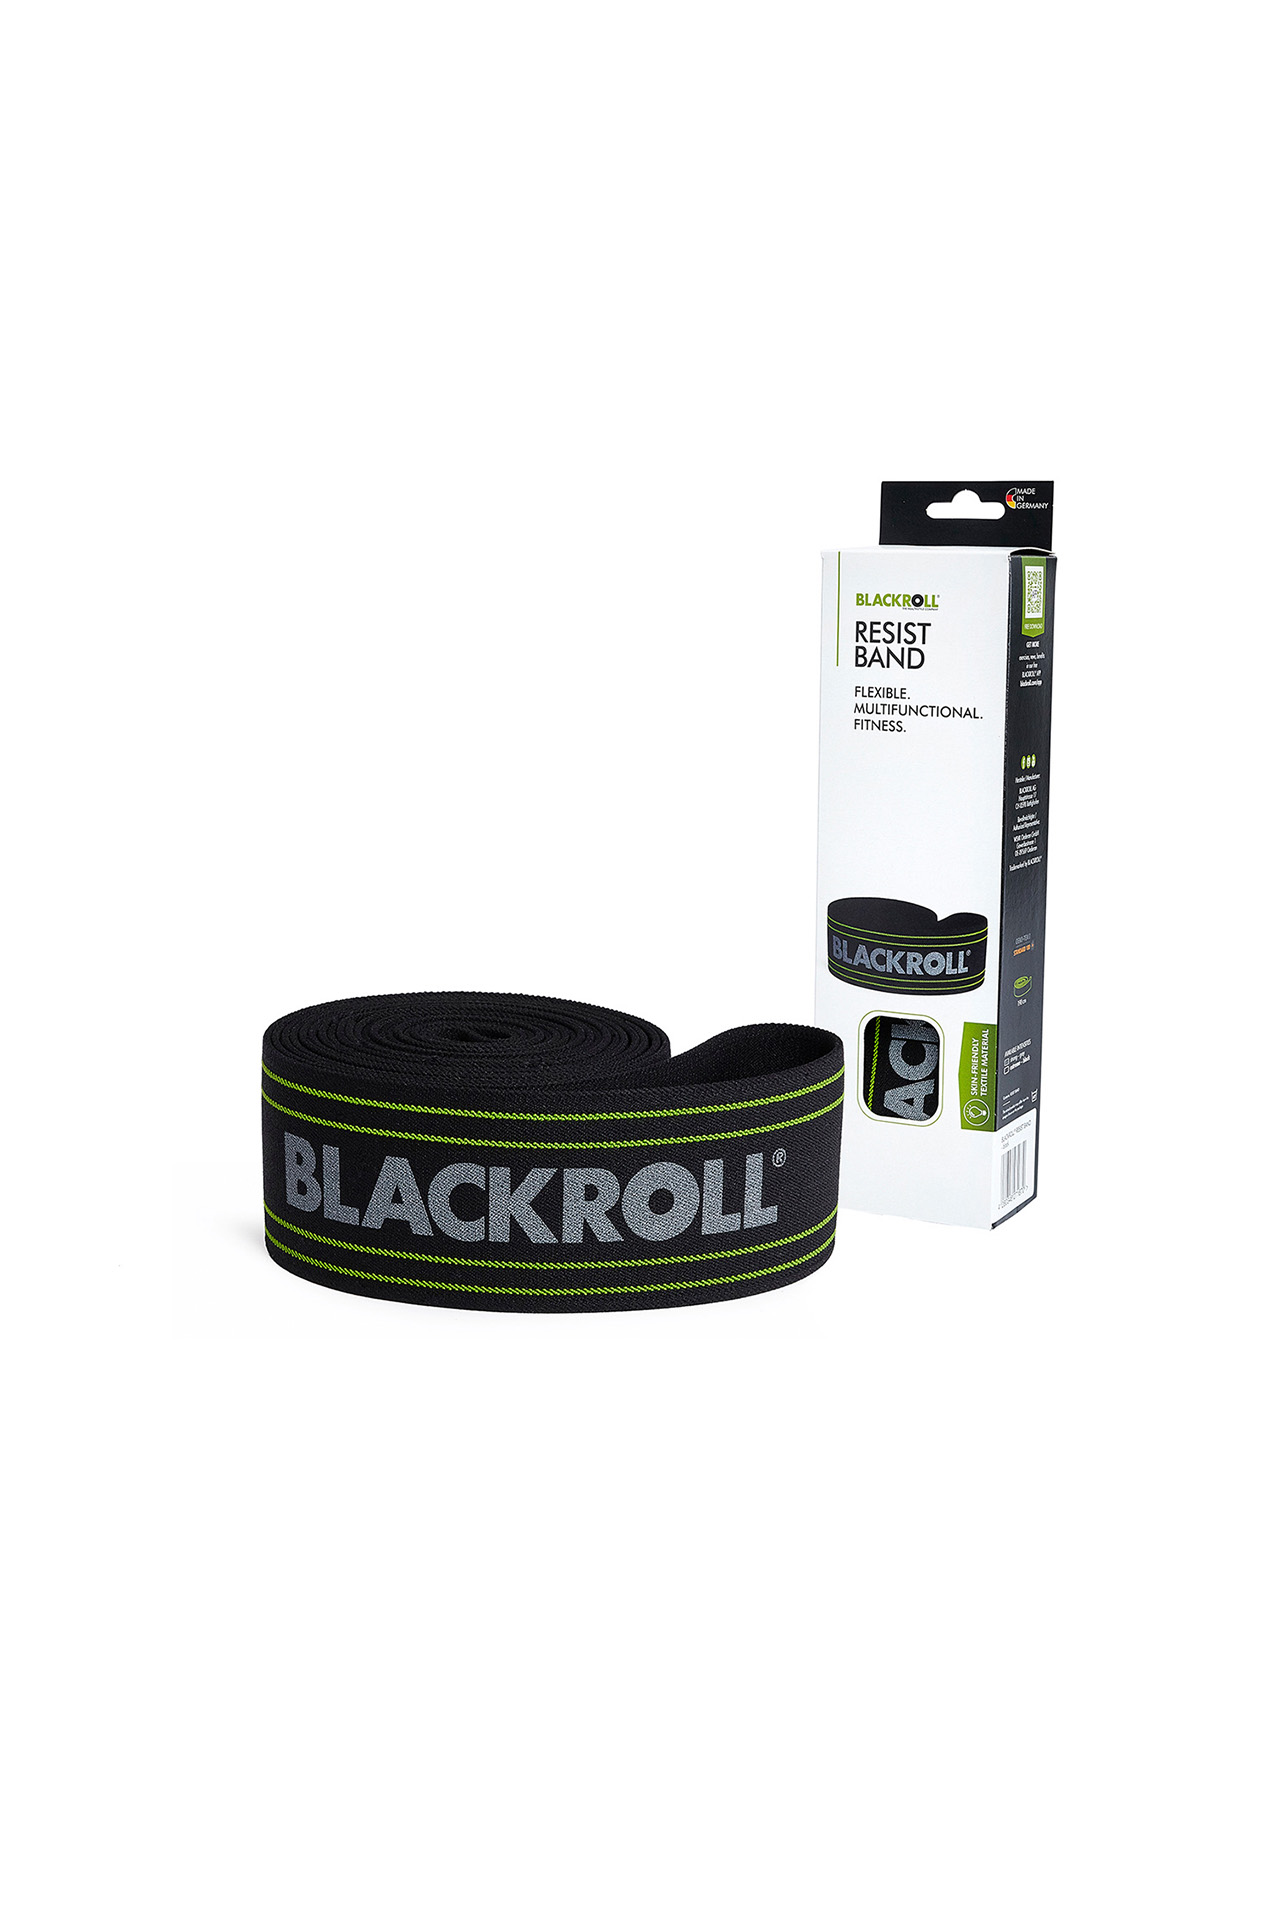 blackroll wien fengbao resist band grey packung schwarz